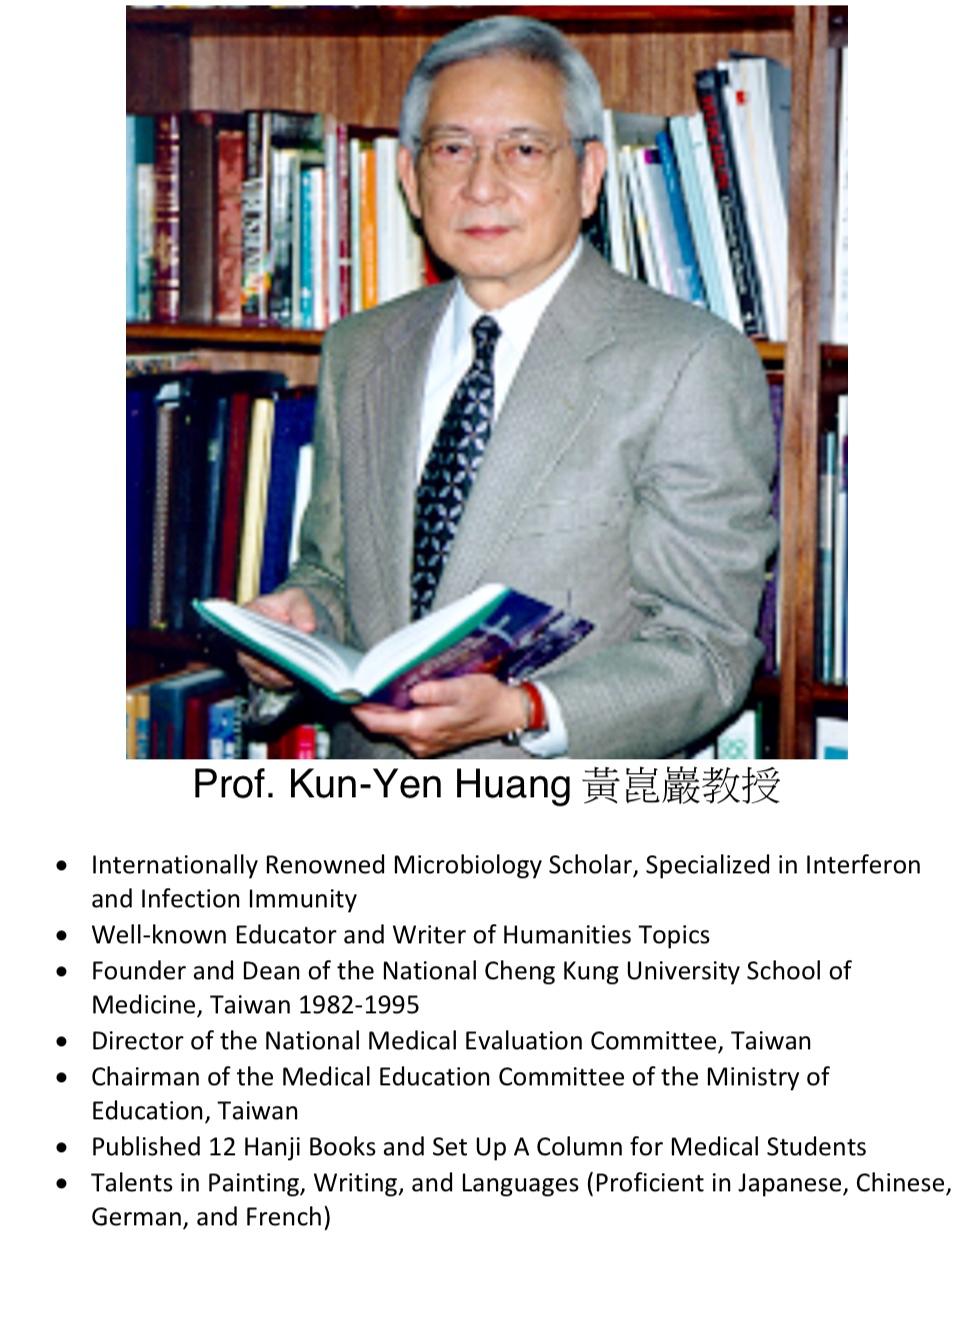 294. Prof. Kun-Yen Huang 黃崑巖教授